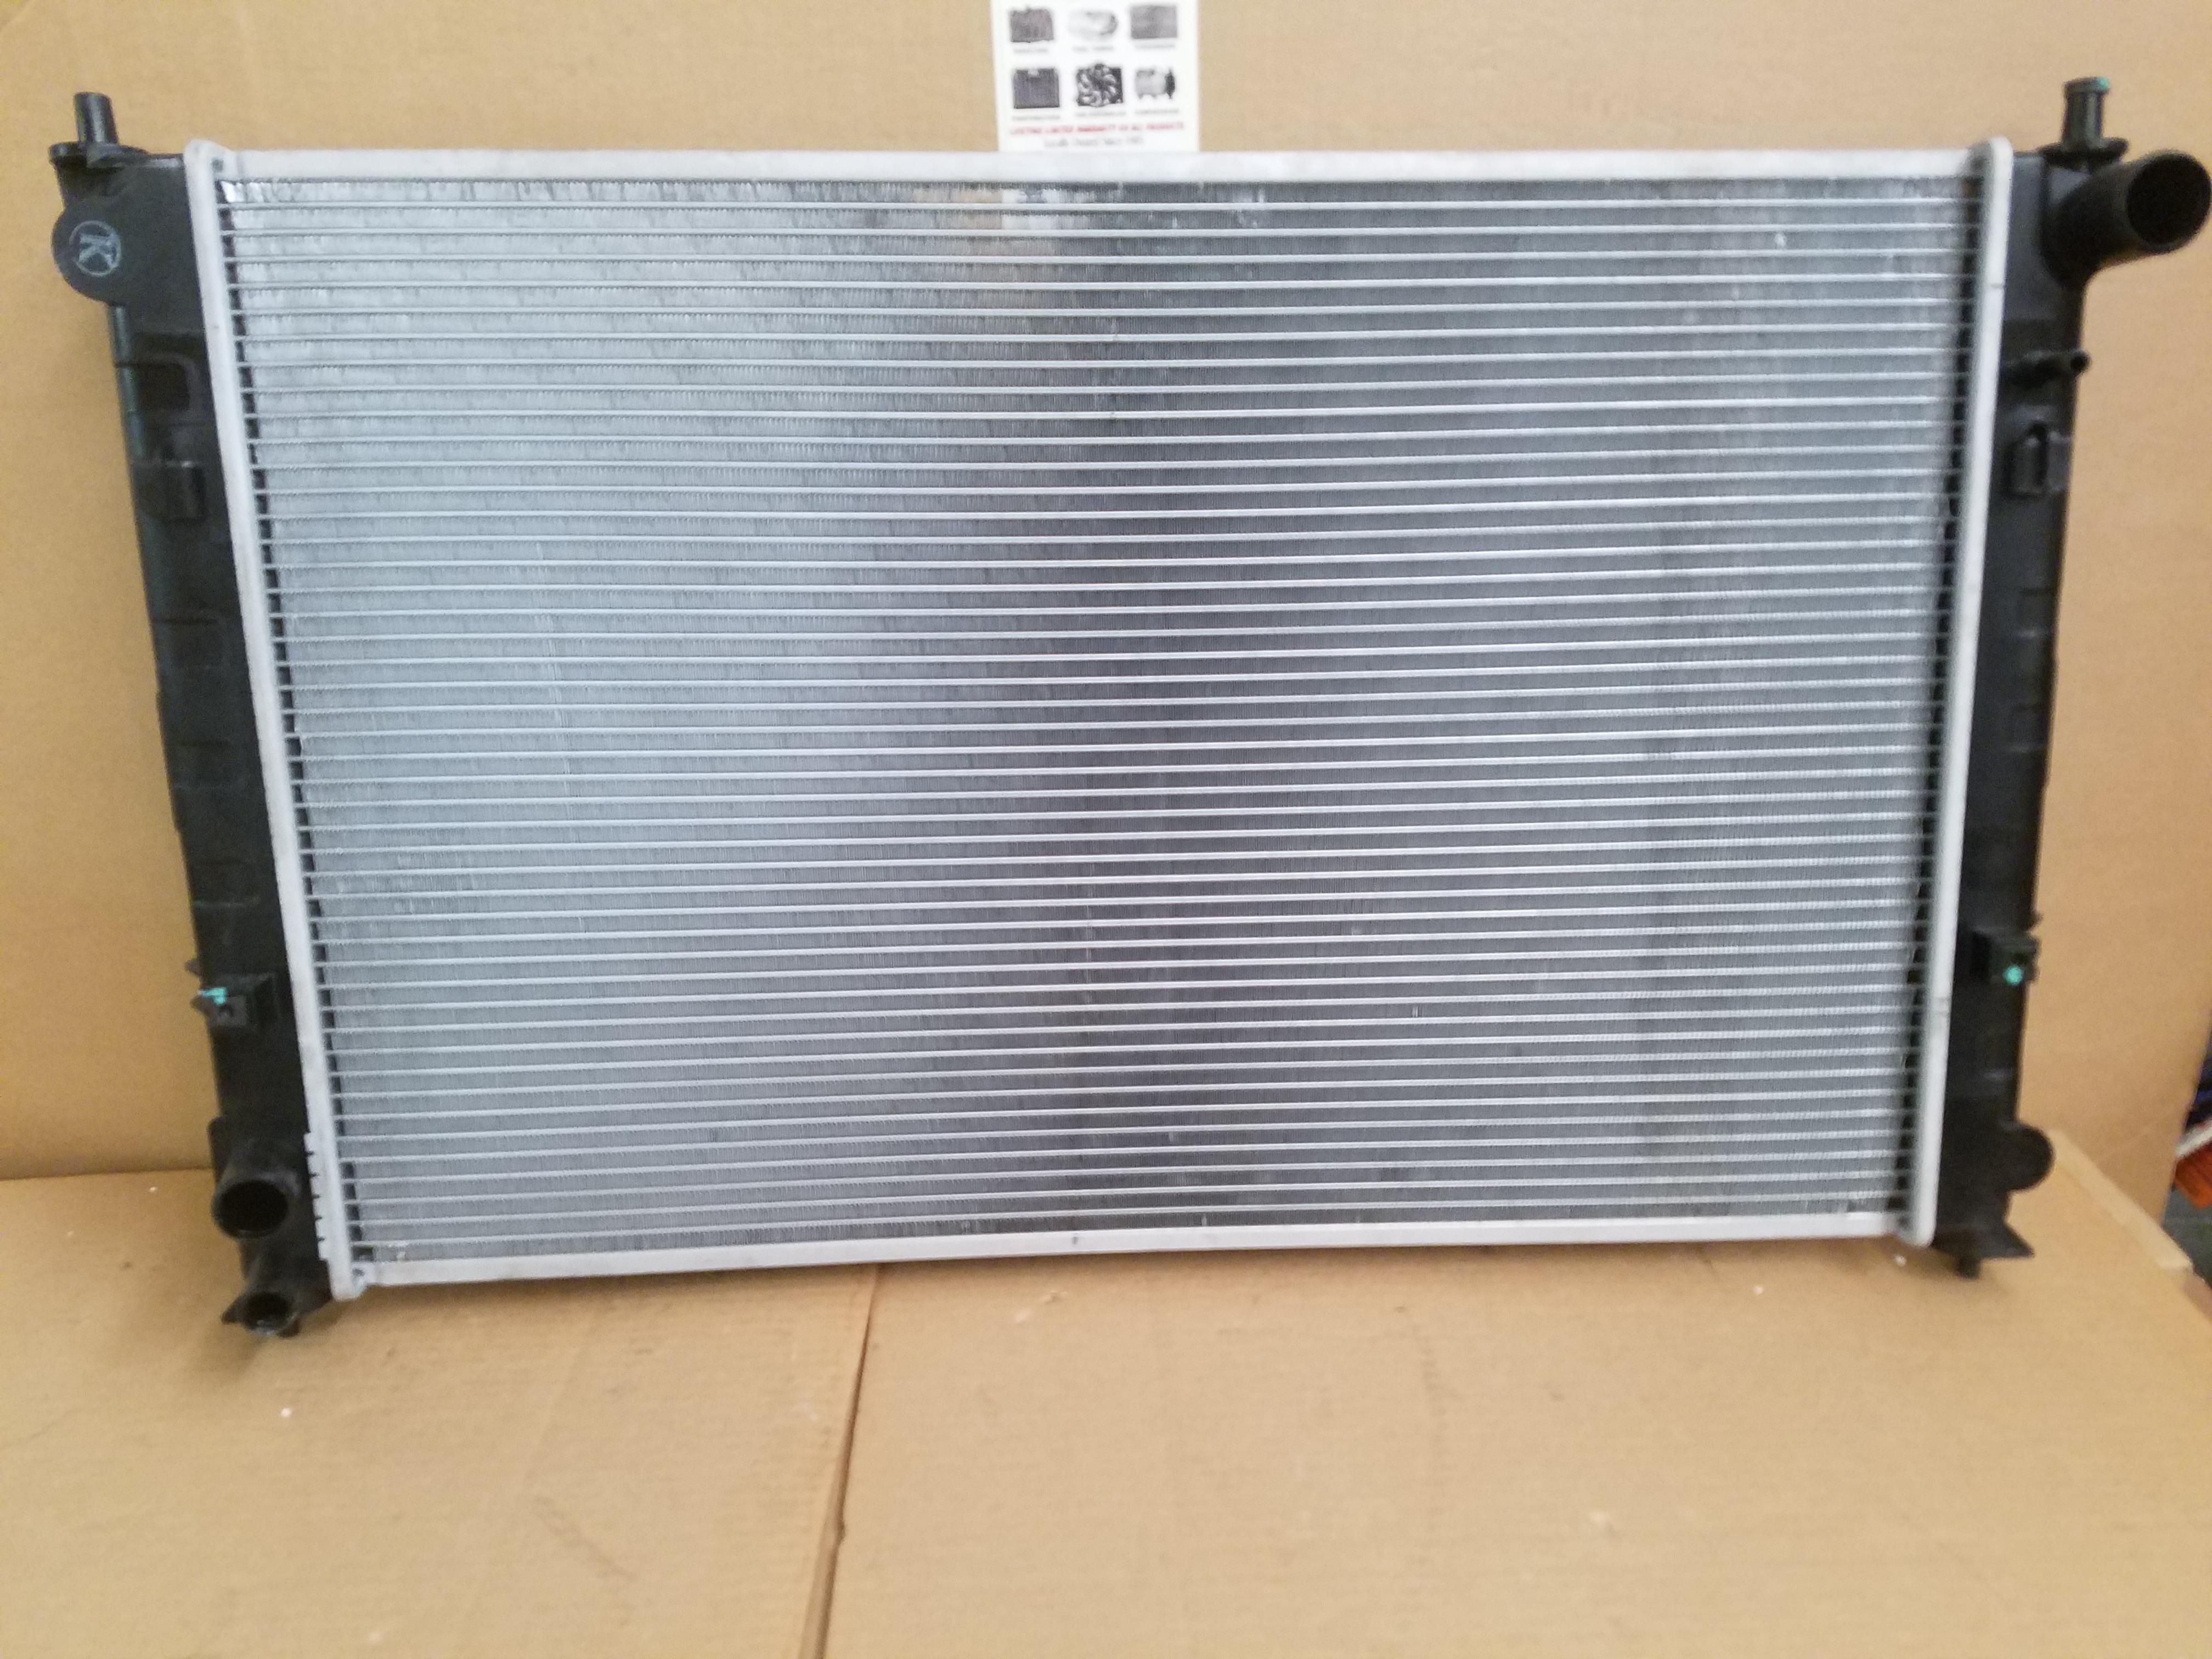 1983 mazda b2000 radiator